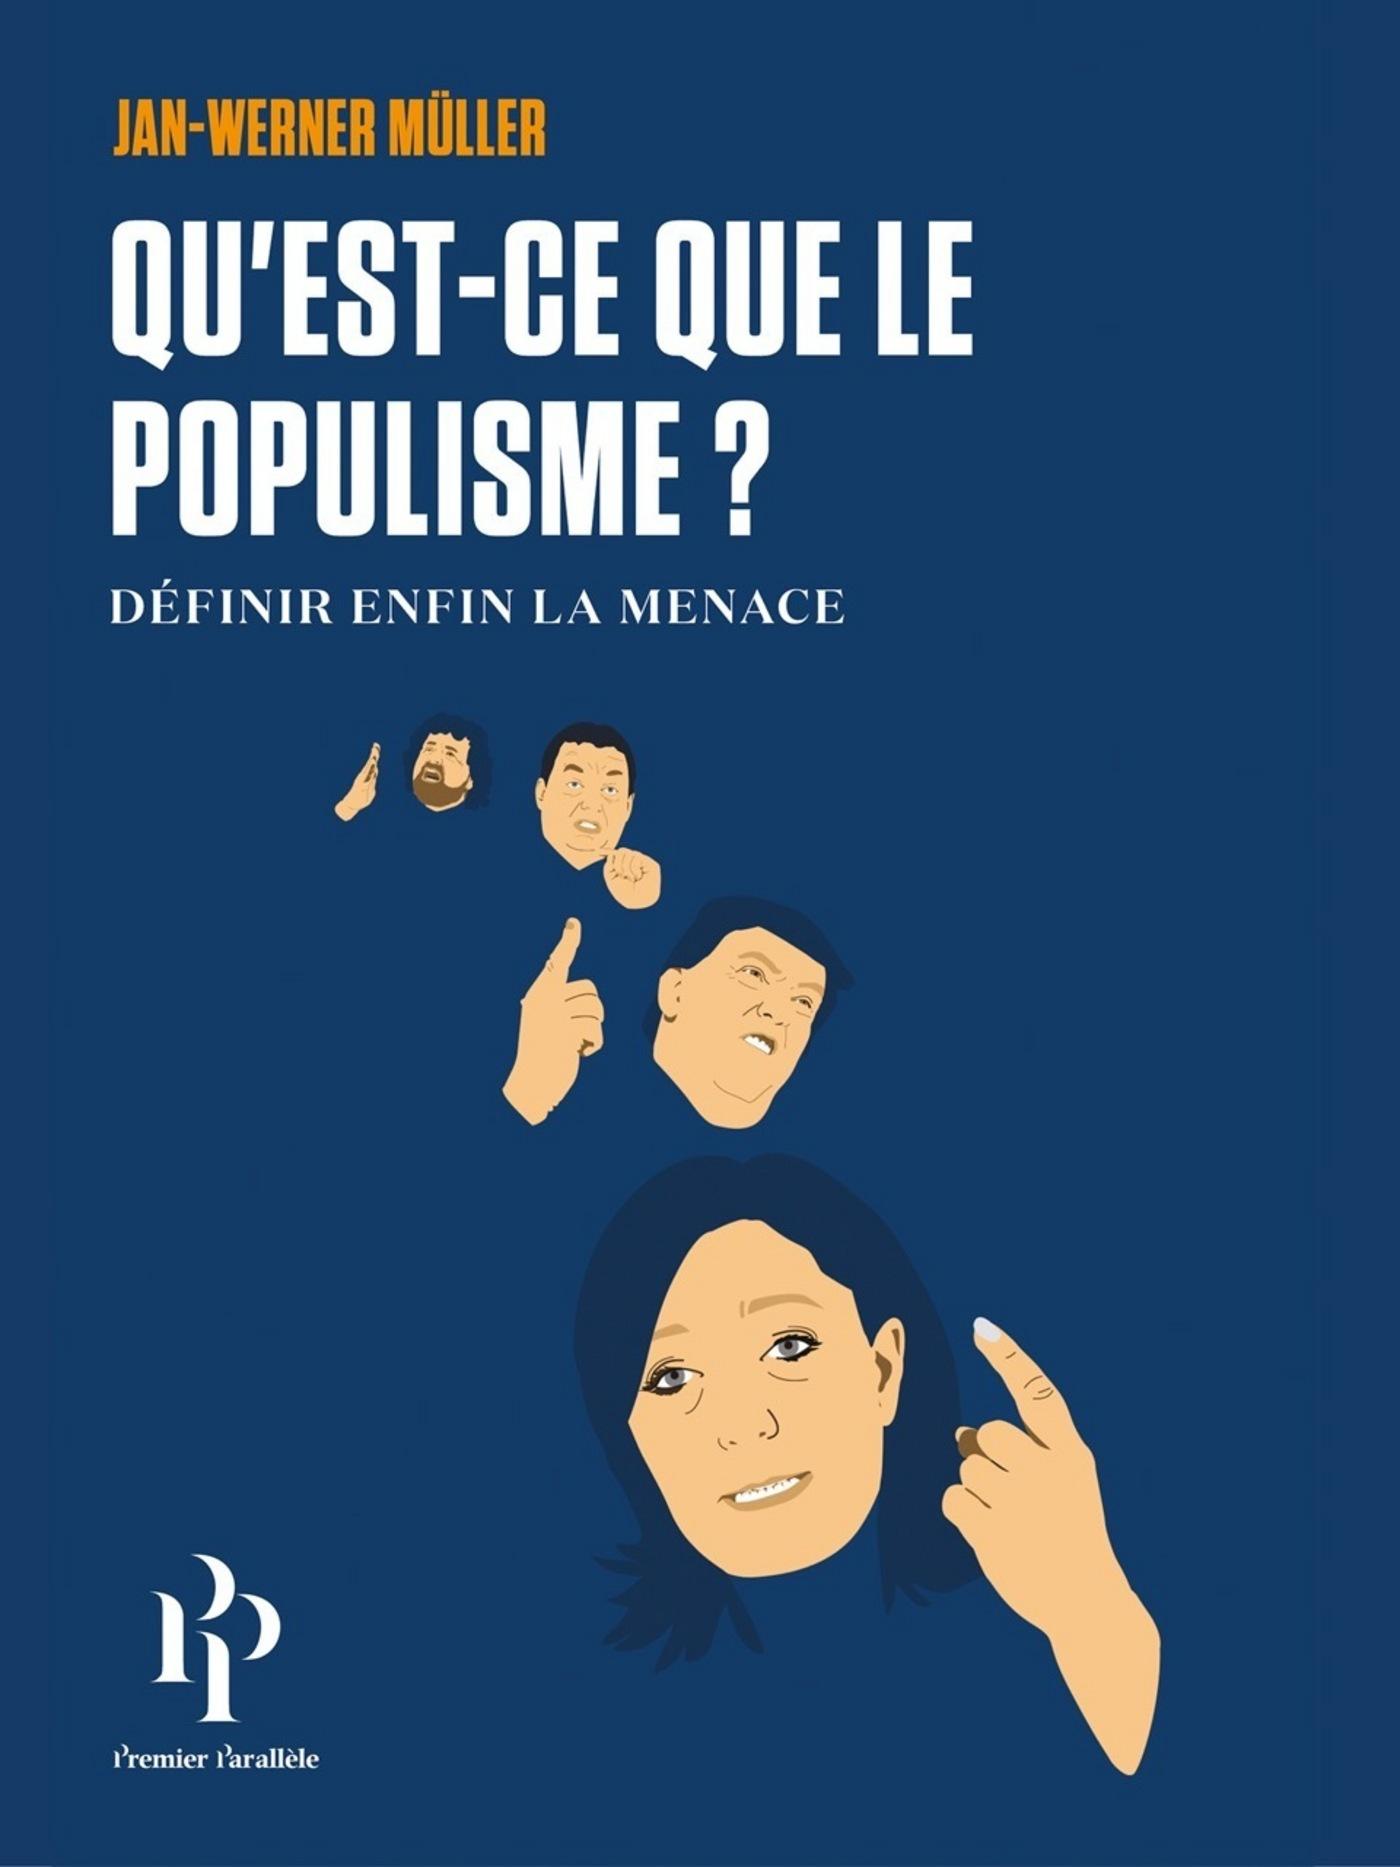 Qu'est-ce que le populisme? Définir enfin la menace.